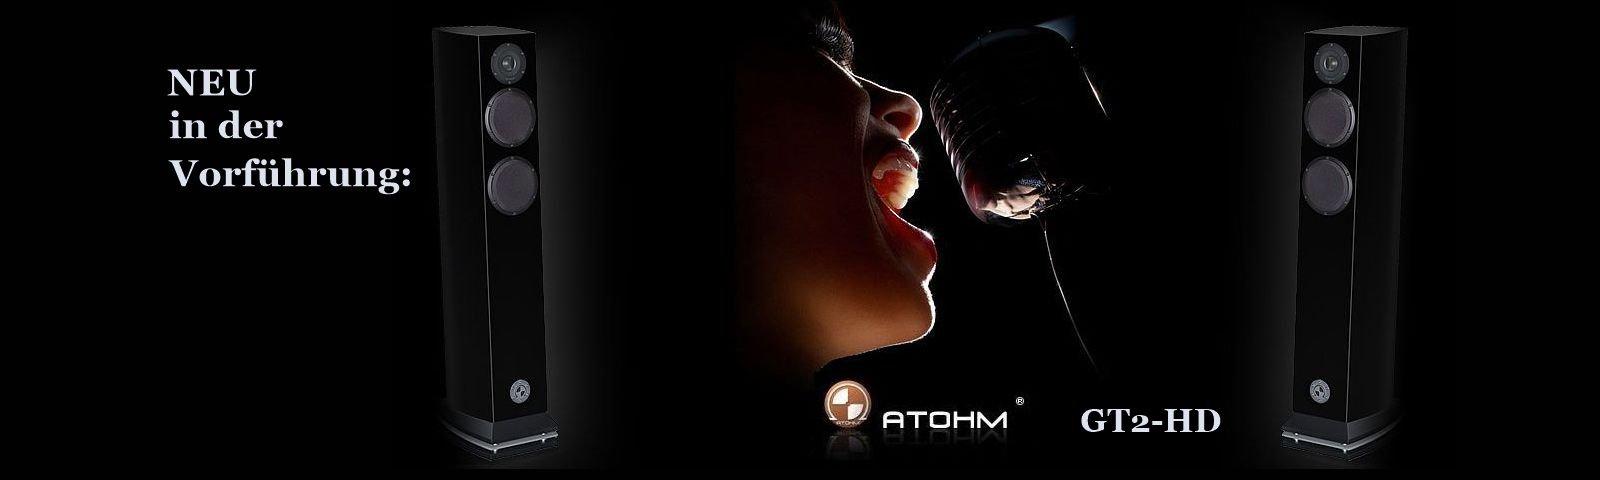 Atohm GT2-HD Lautsprecher kaufen